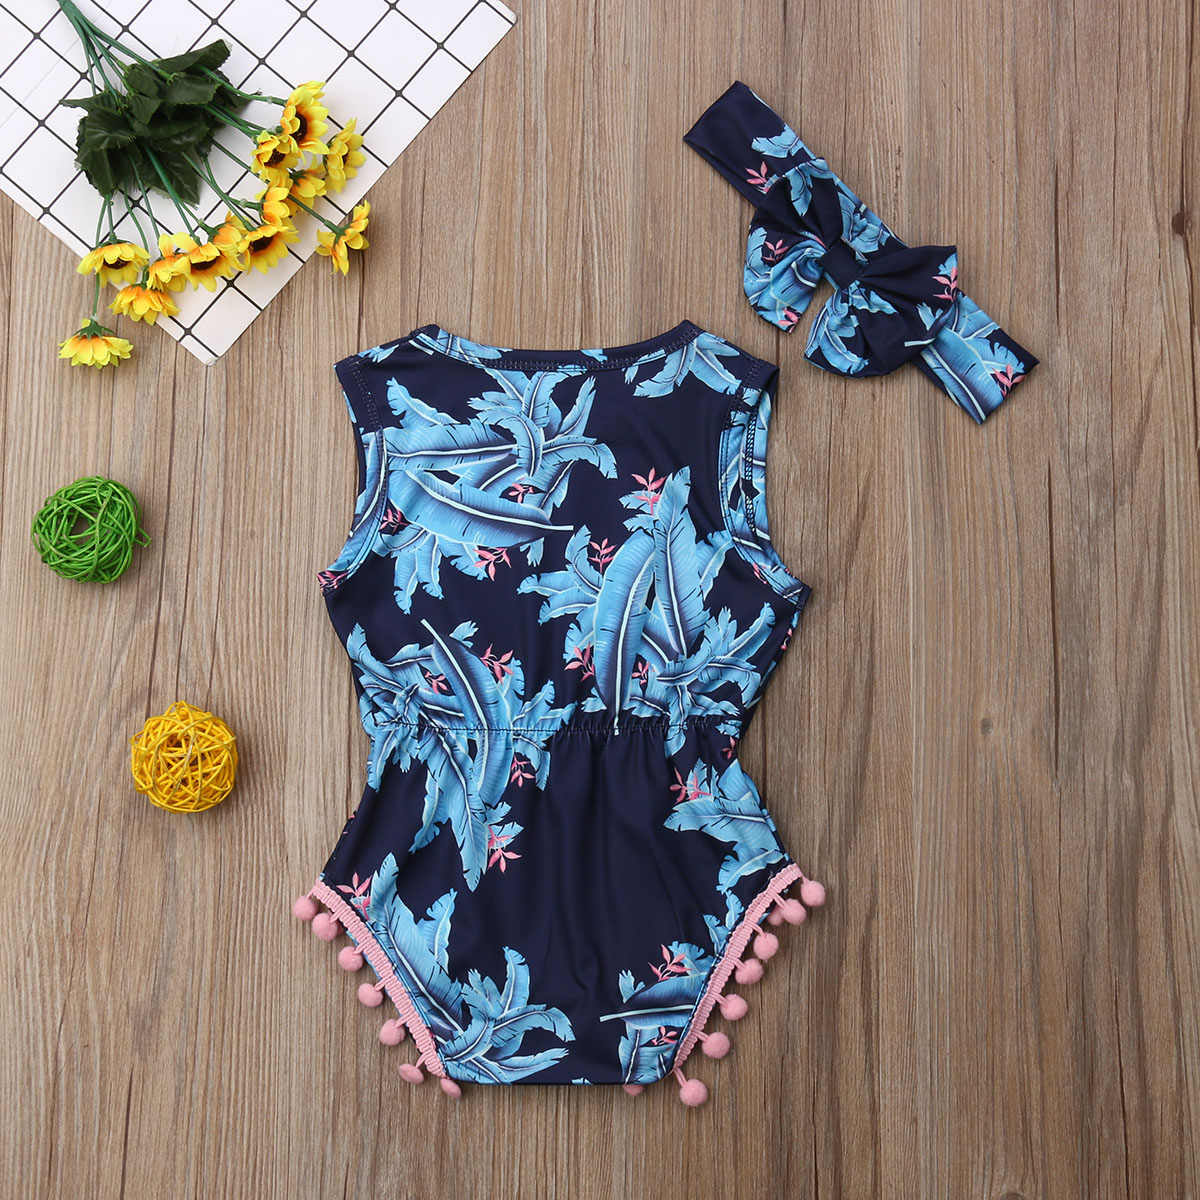 Одежда для новорожденных девочек; летний слитный купальник с принтом листьев; Детский Повседневный Комбинезон